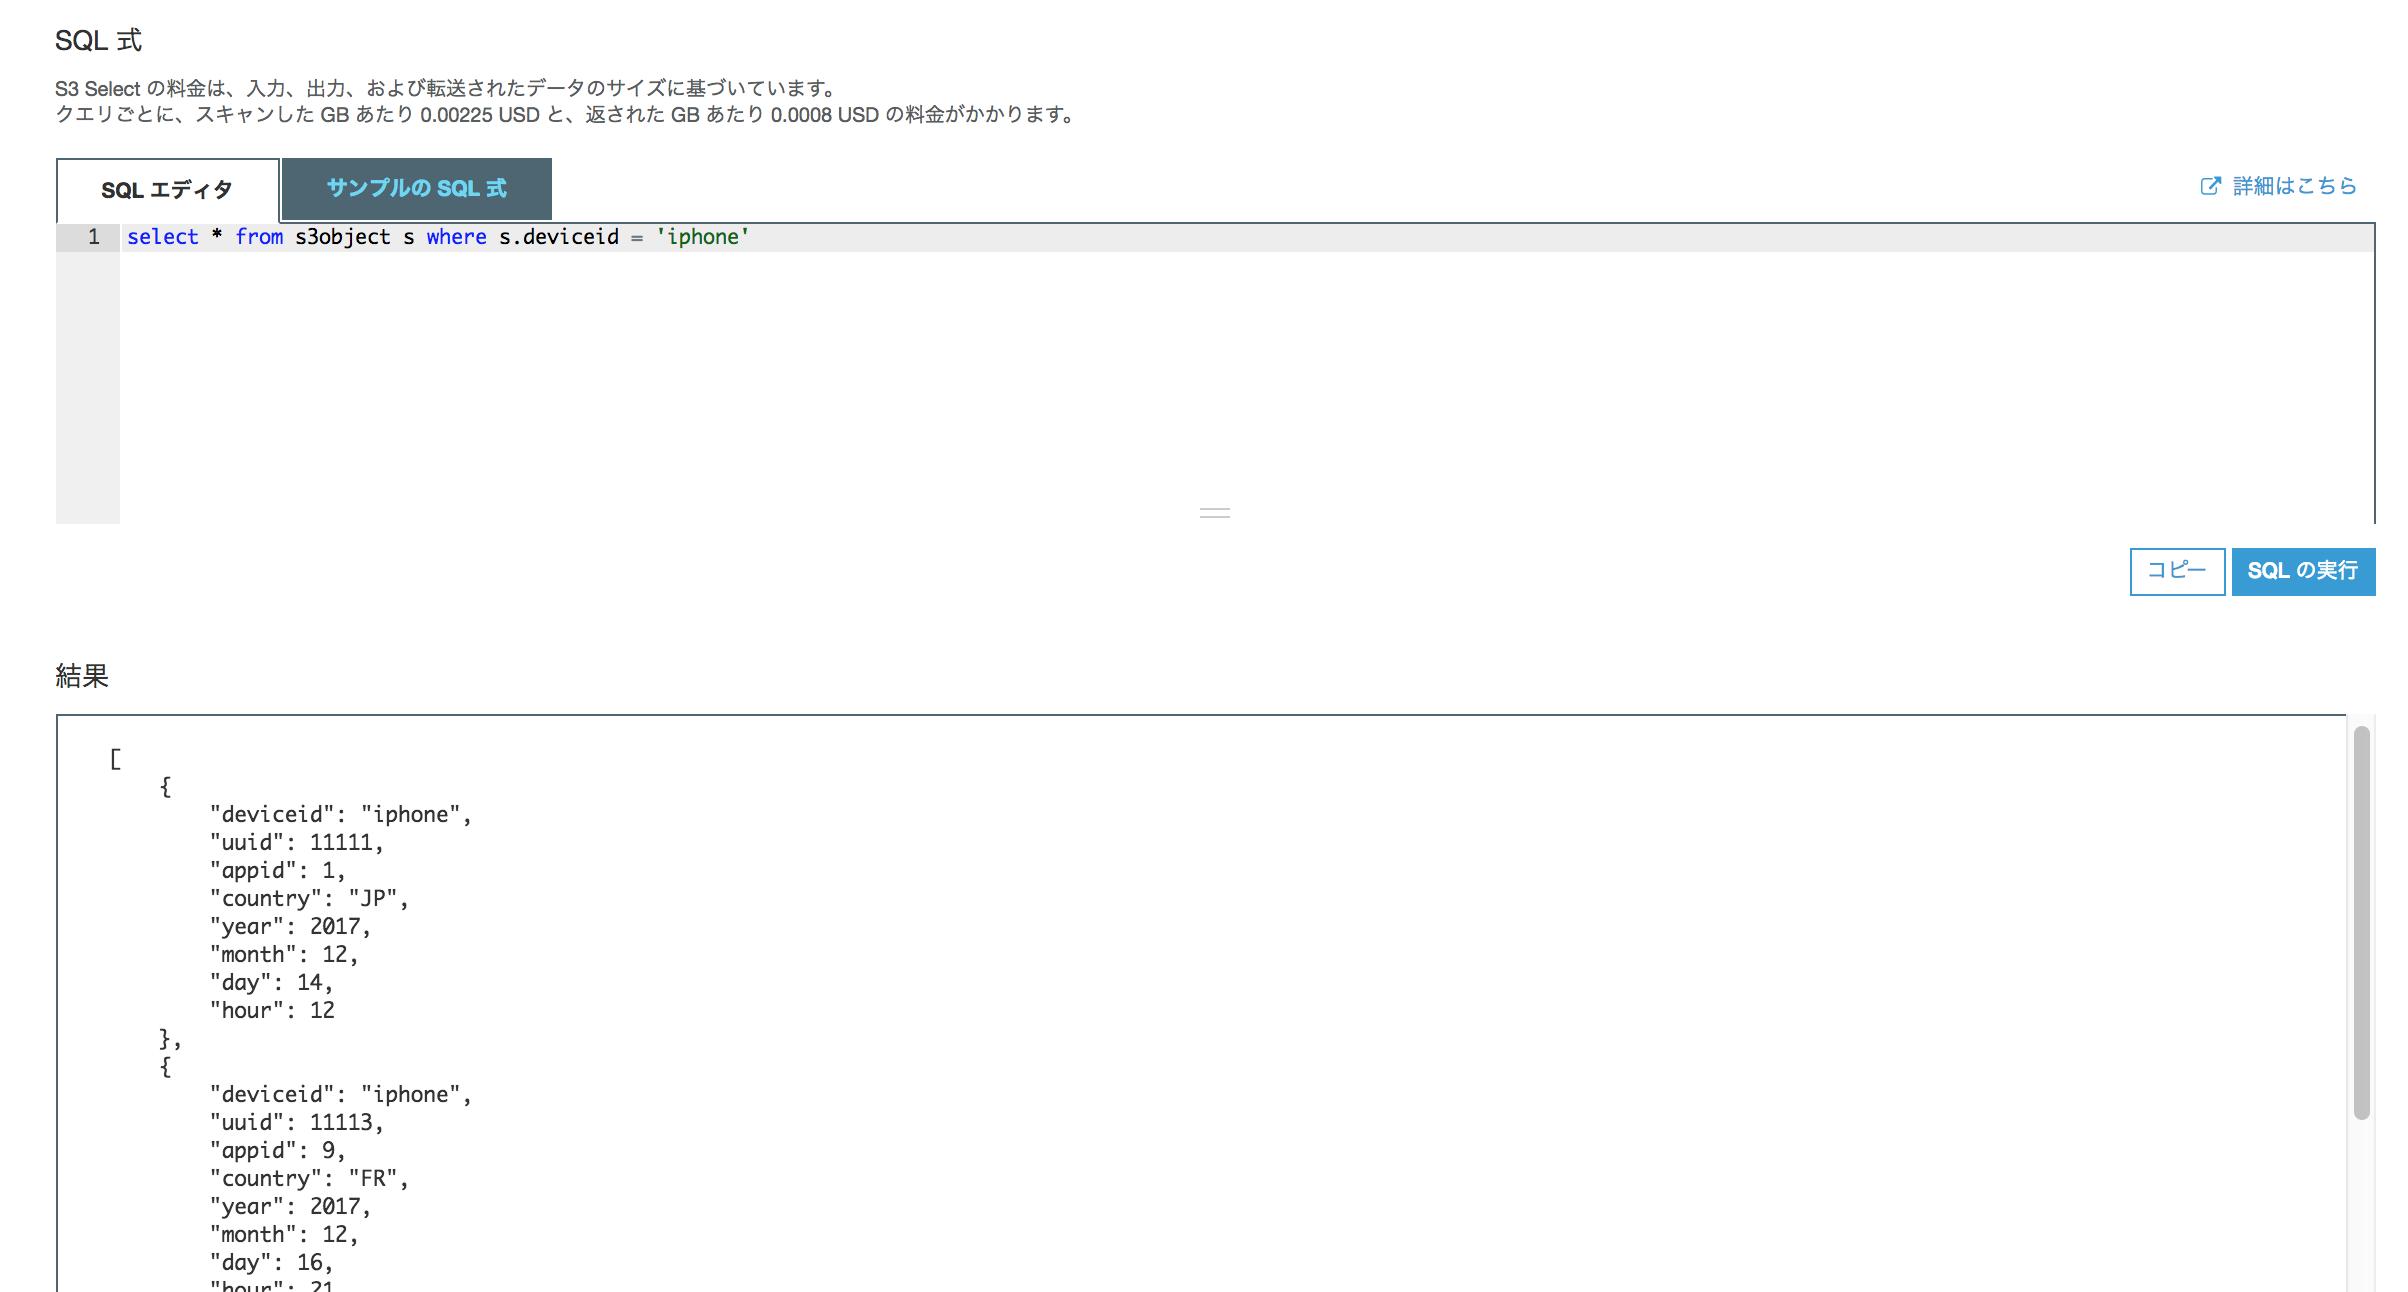 S3 Select でparquet ファイルを開く(parquet-tools入れるより楽